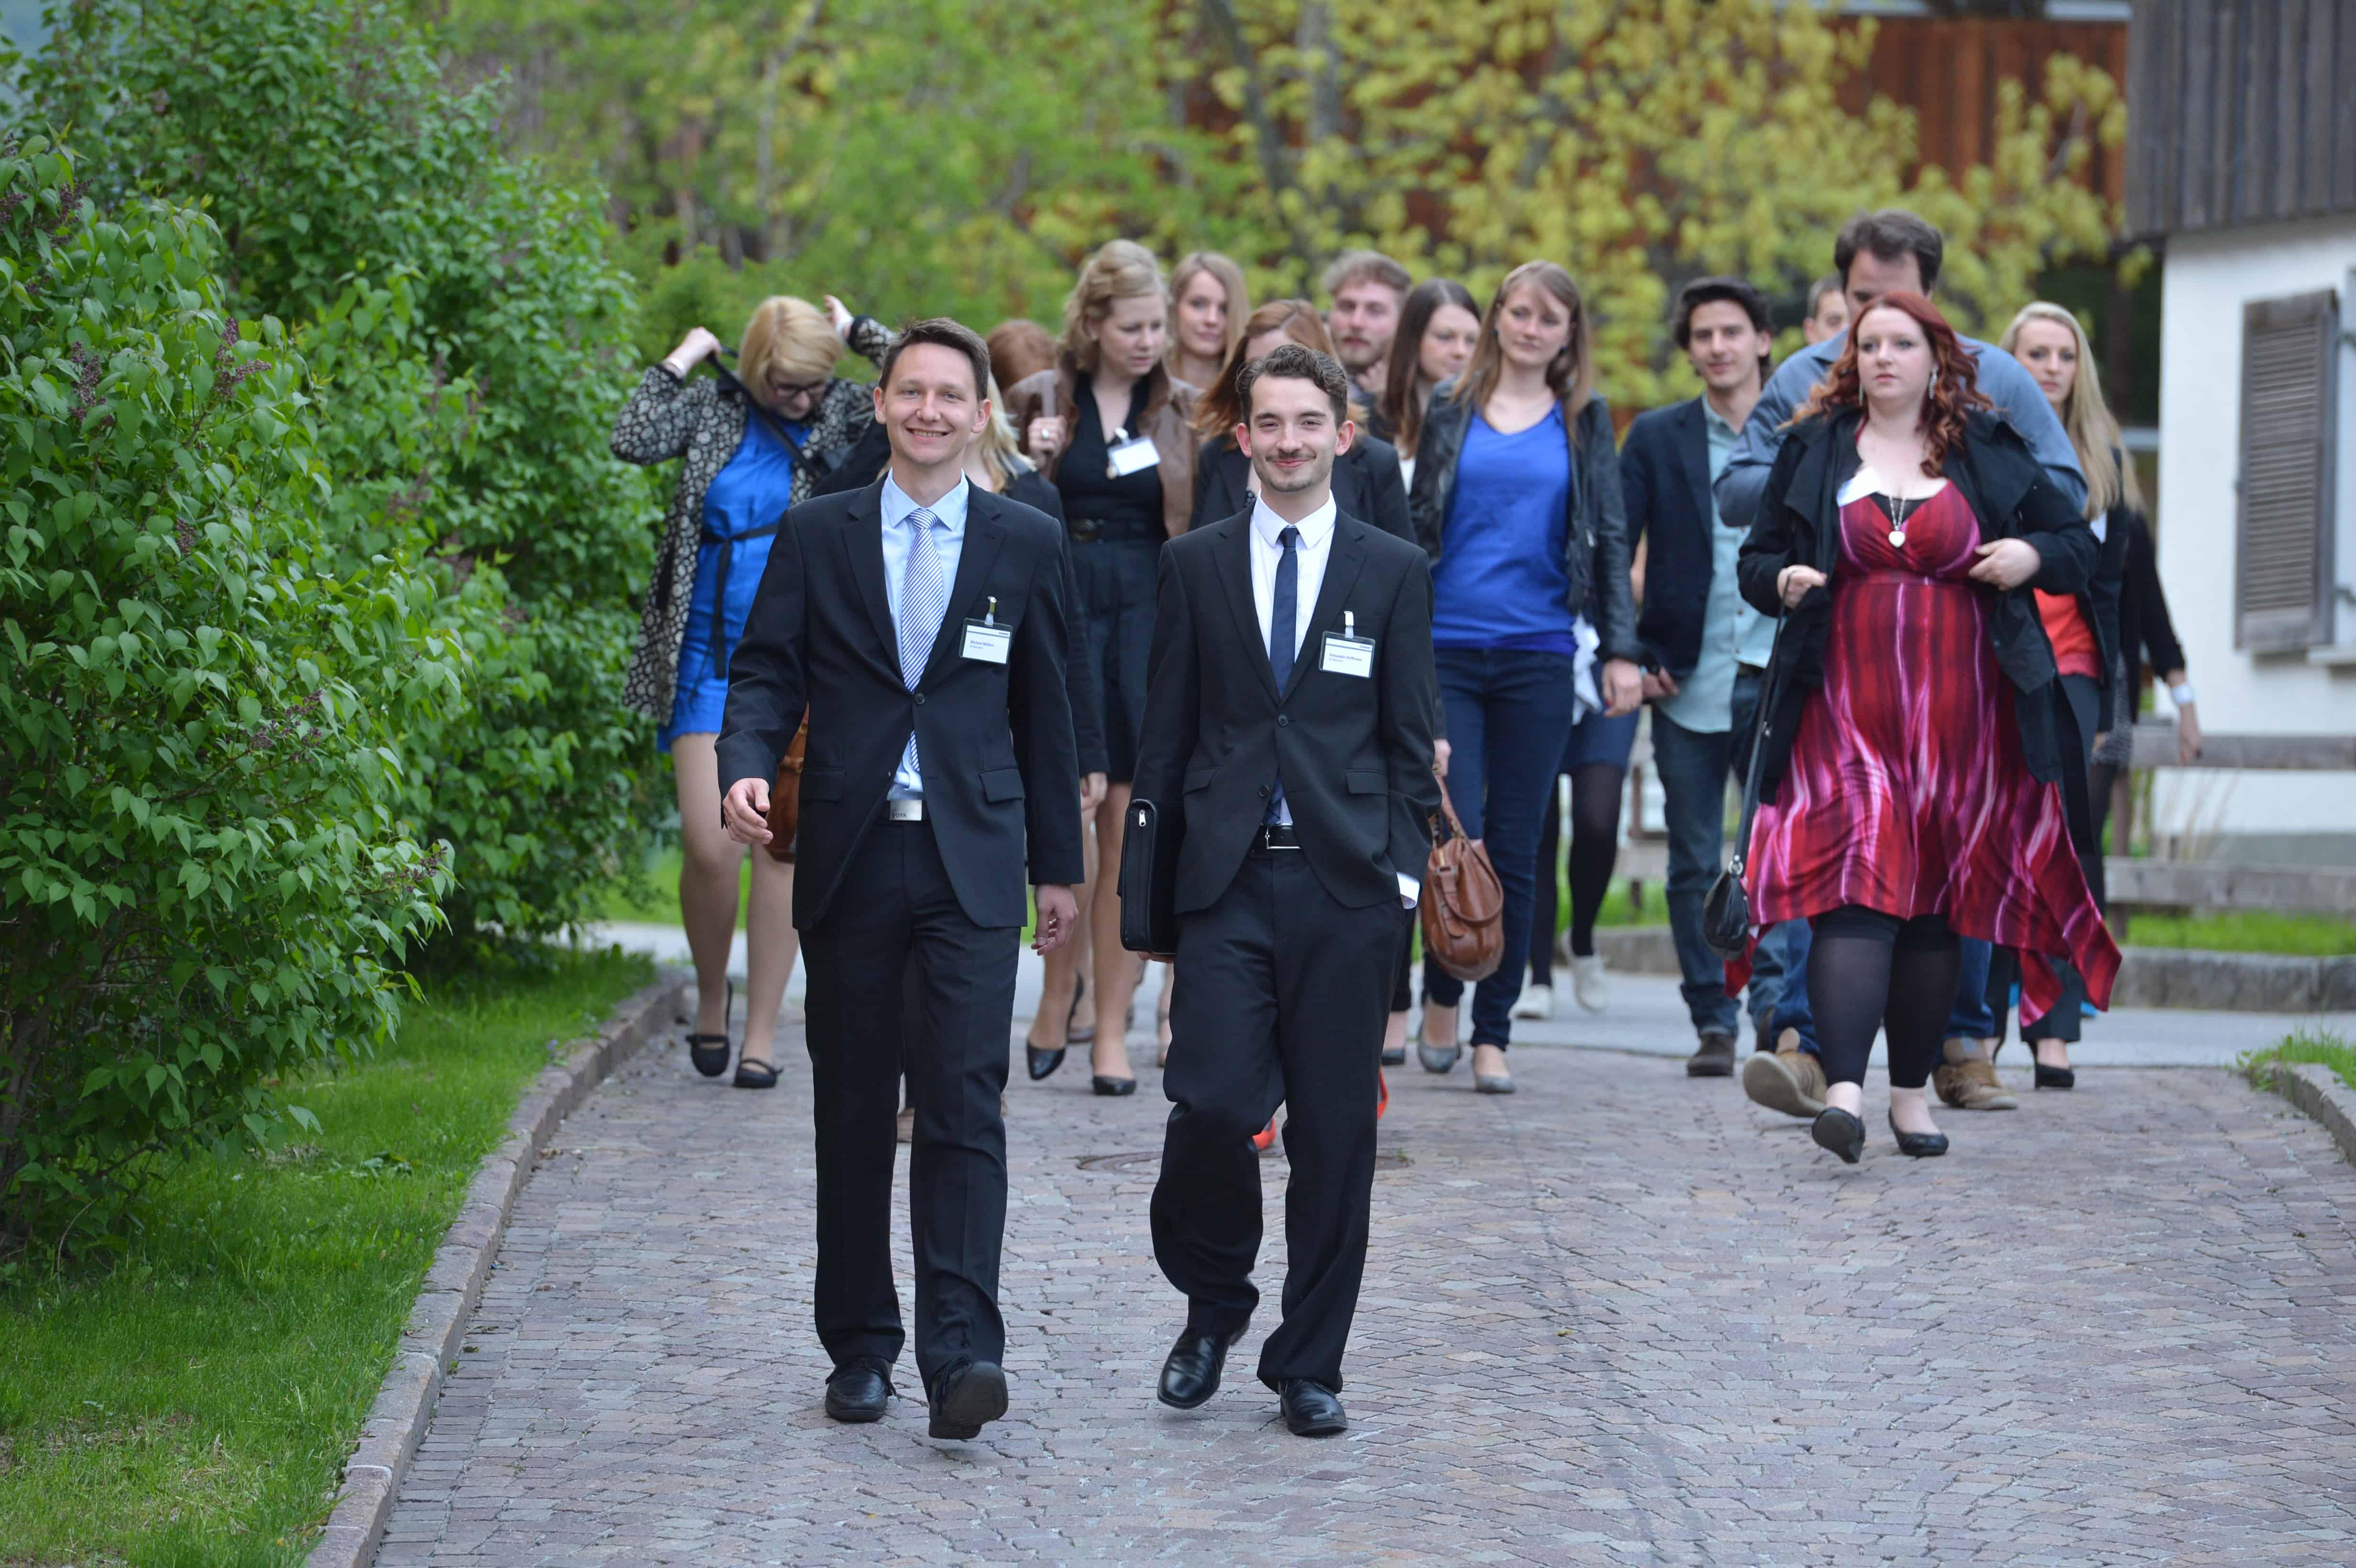 Impressionen von der Preisverleihung des 7. TANNER-Hochschulwettbewerbs